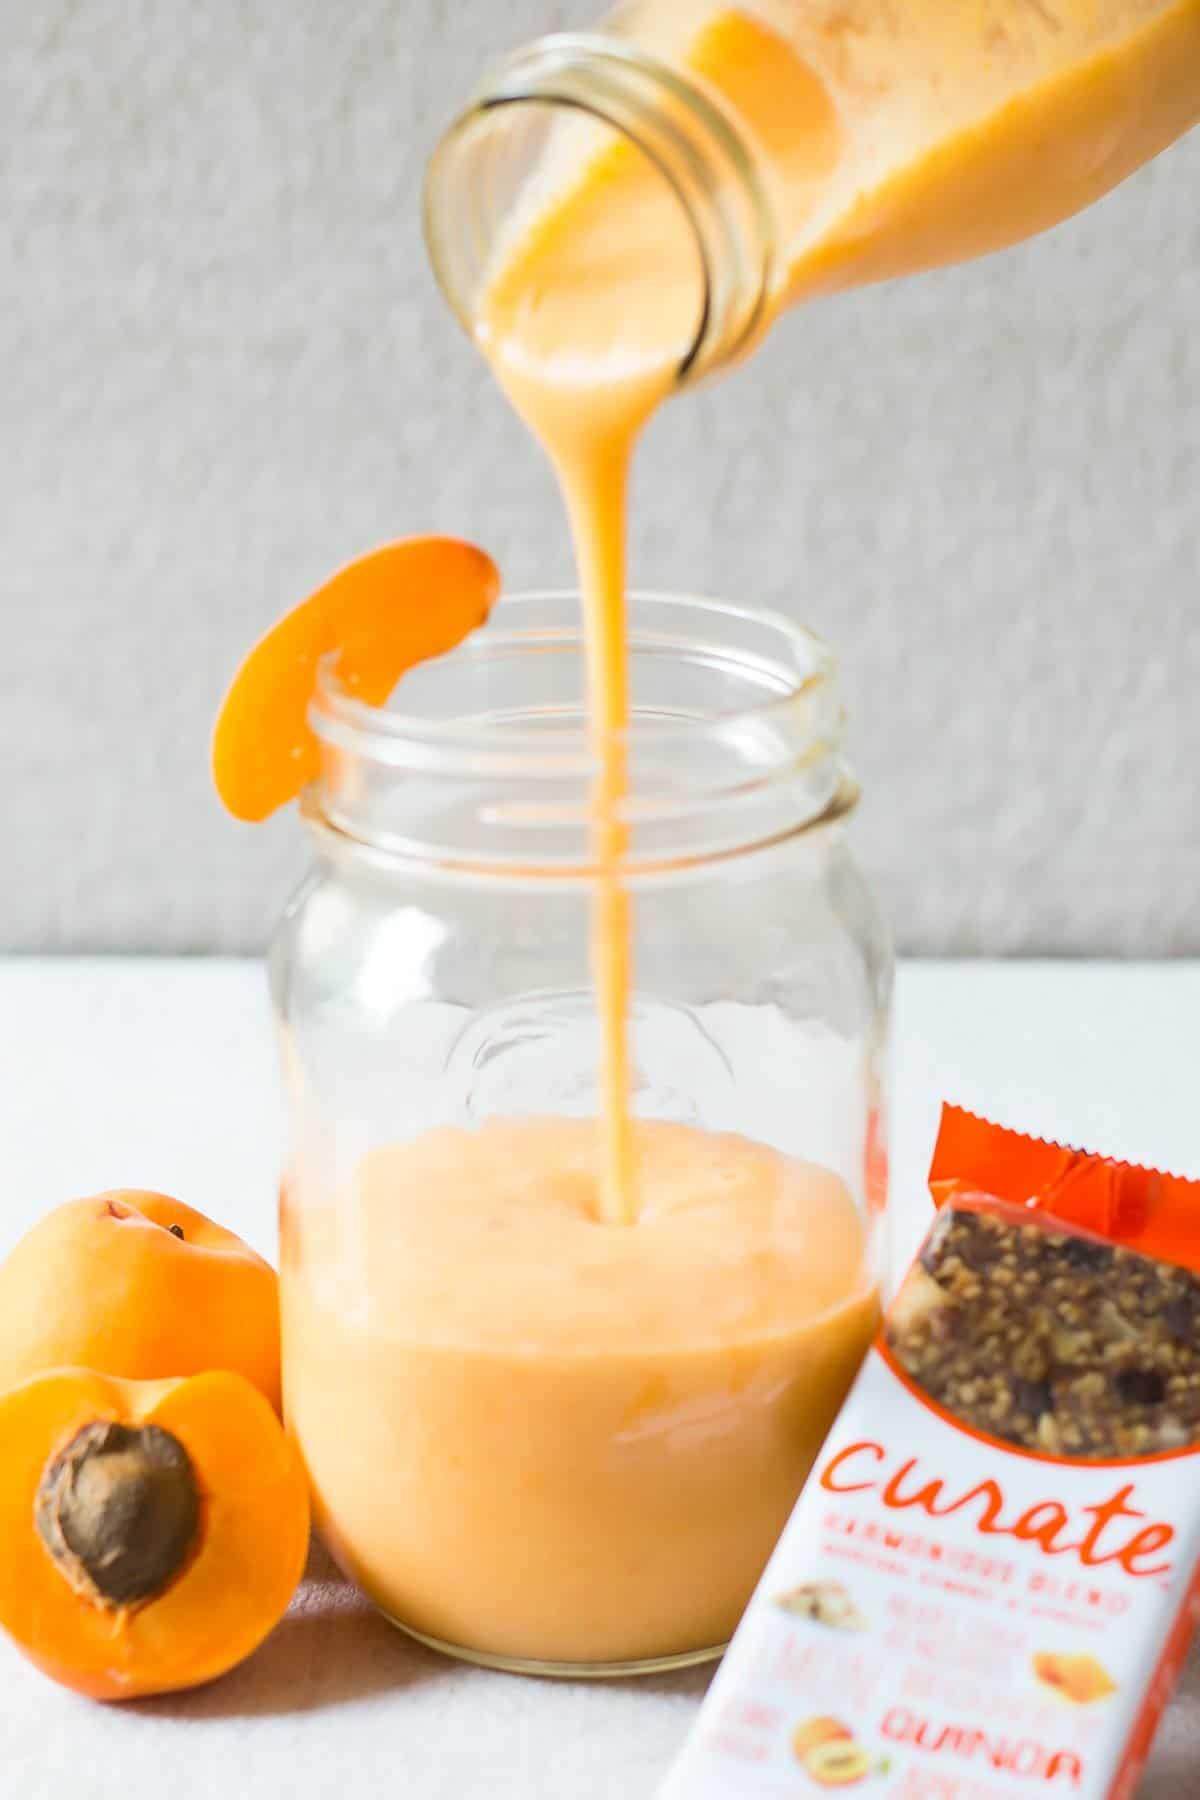 Apricot Almond Milk Smoothie